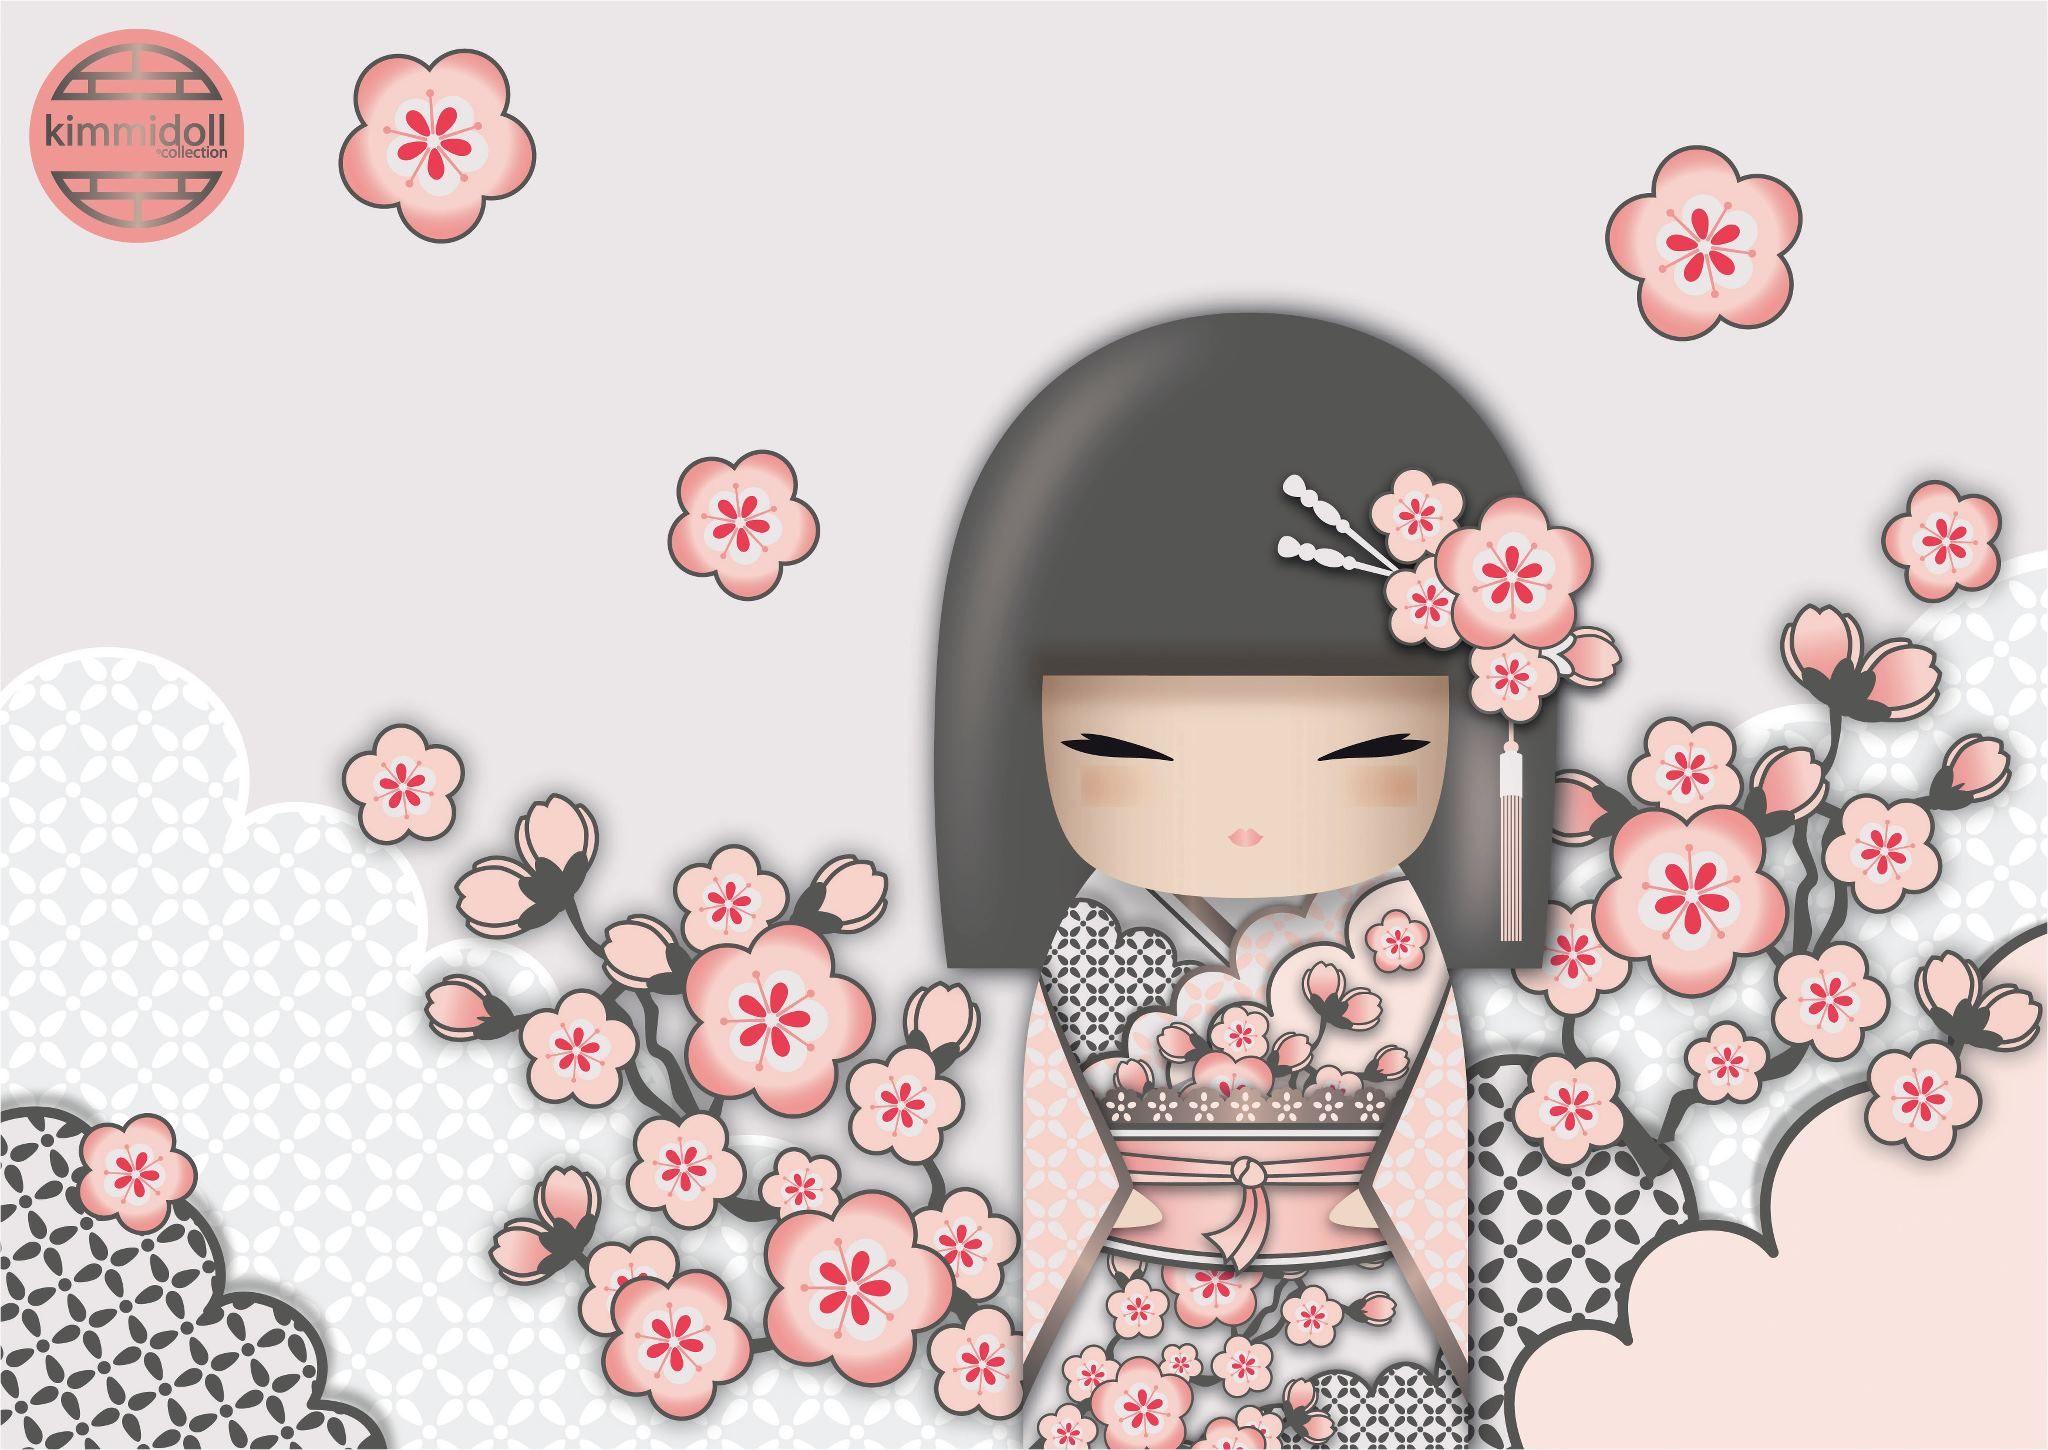 zen wallpapers ipad